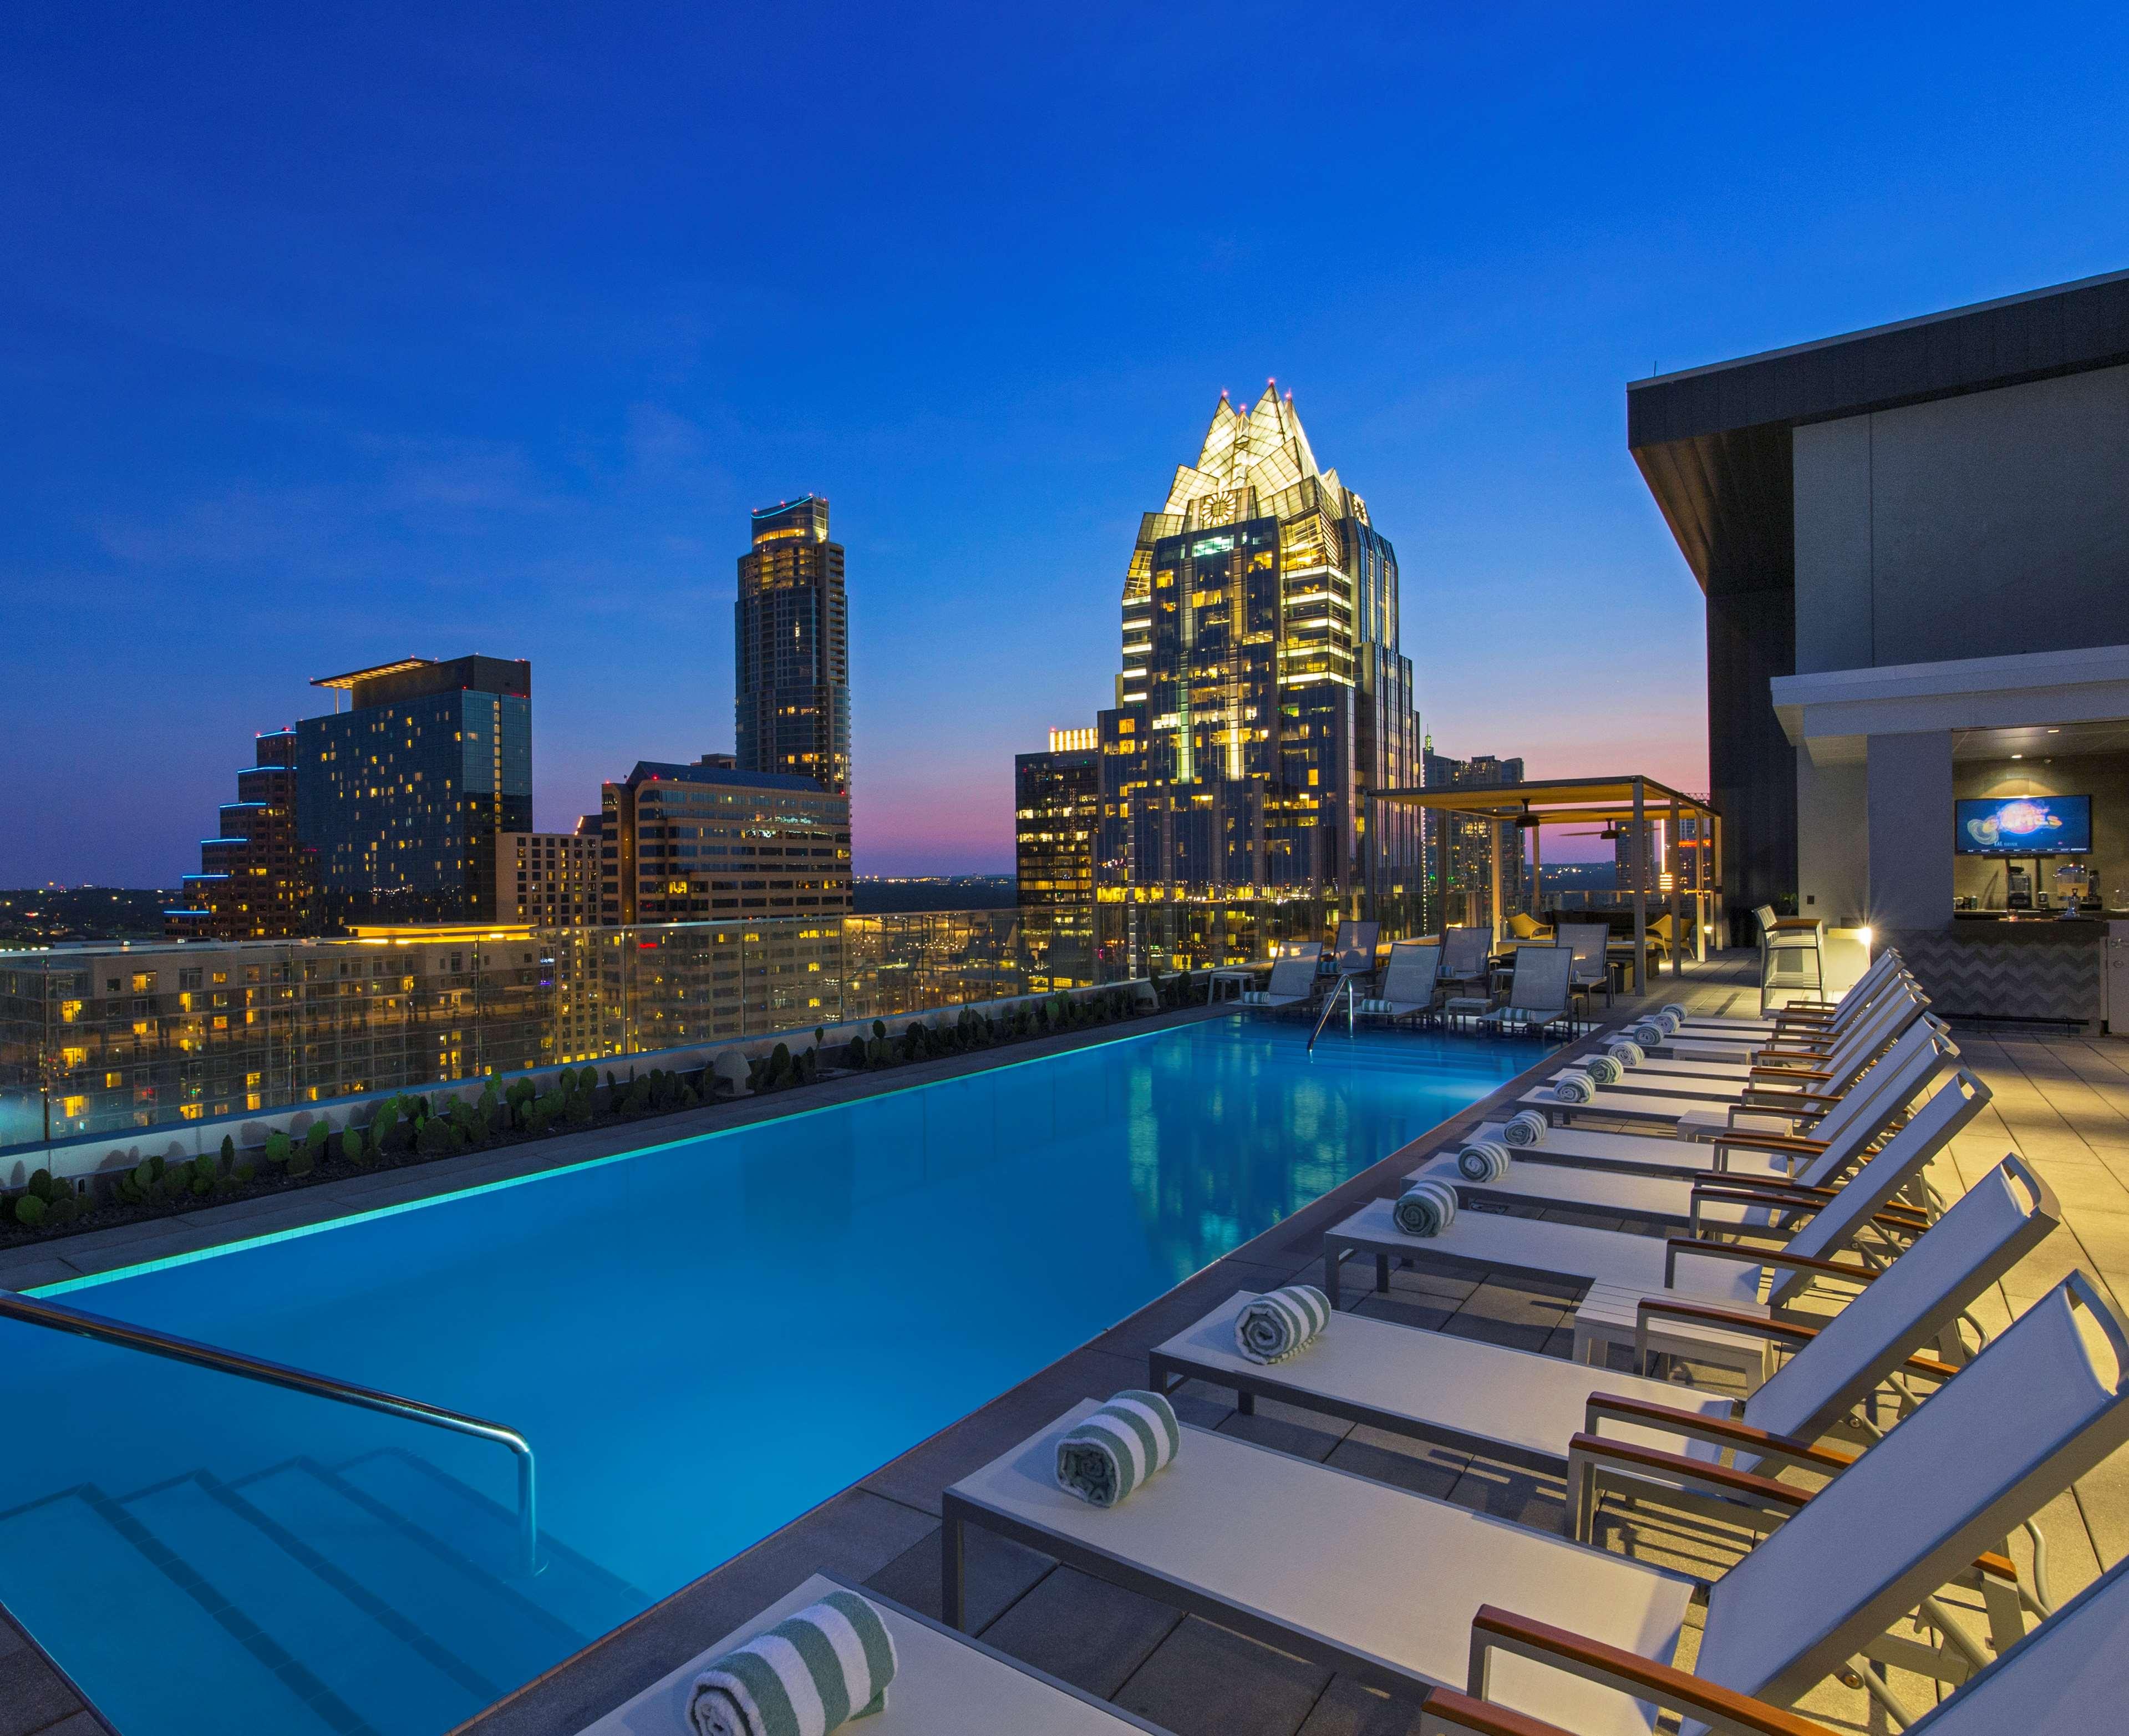 The Westin Austin Downtown